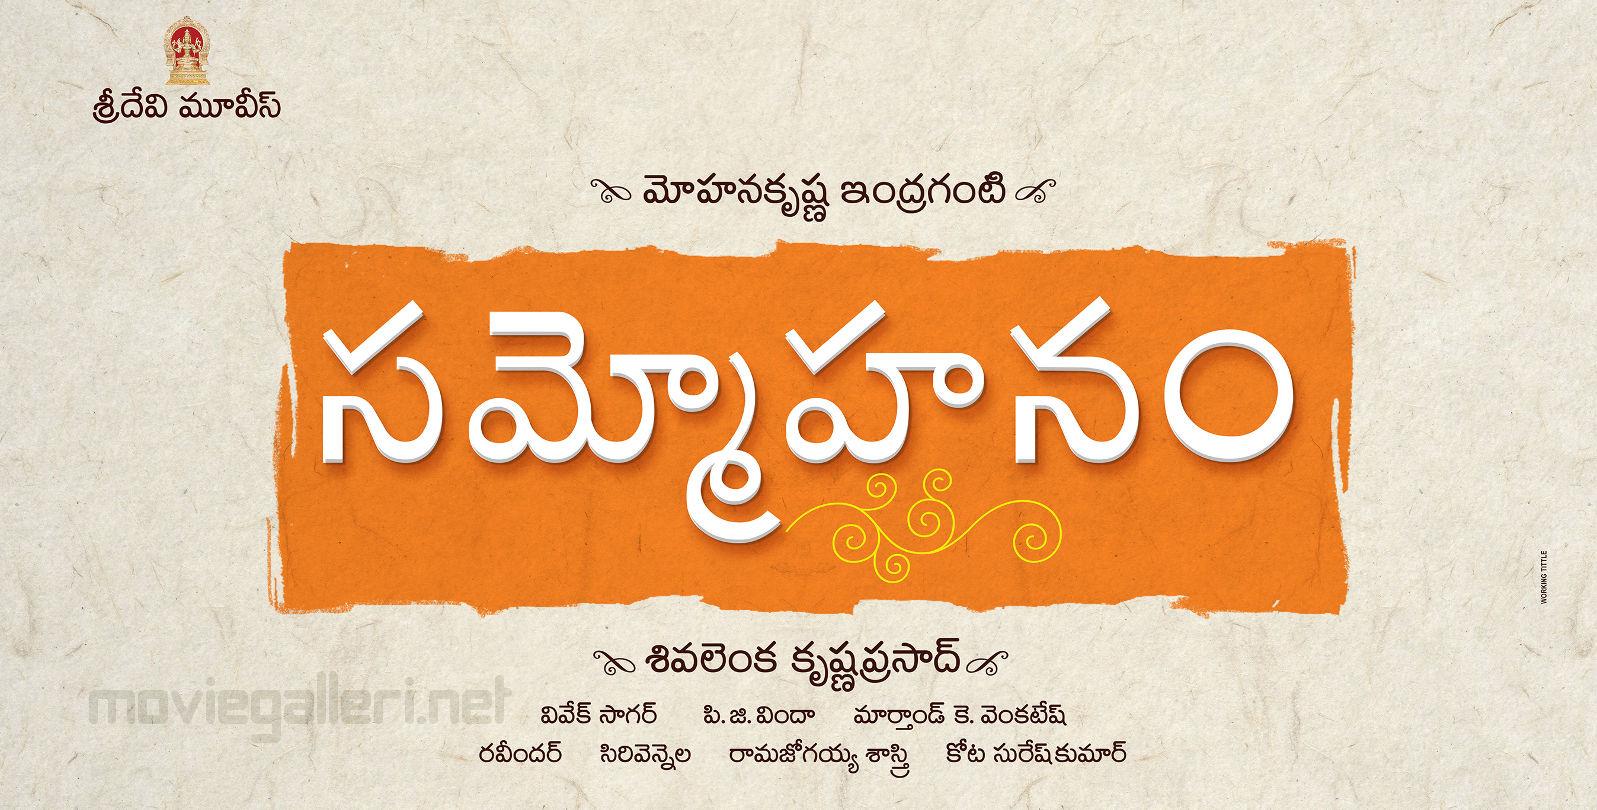 Sammohanam Movie Title Poster